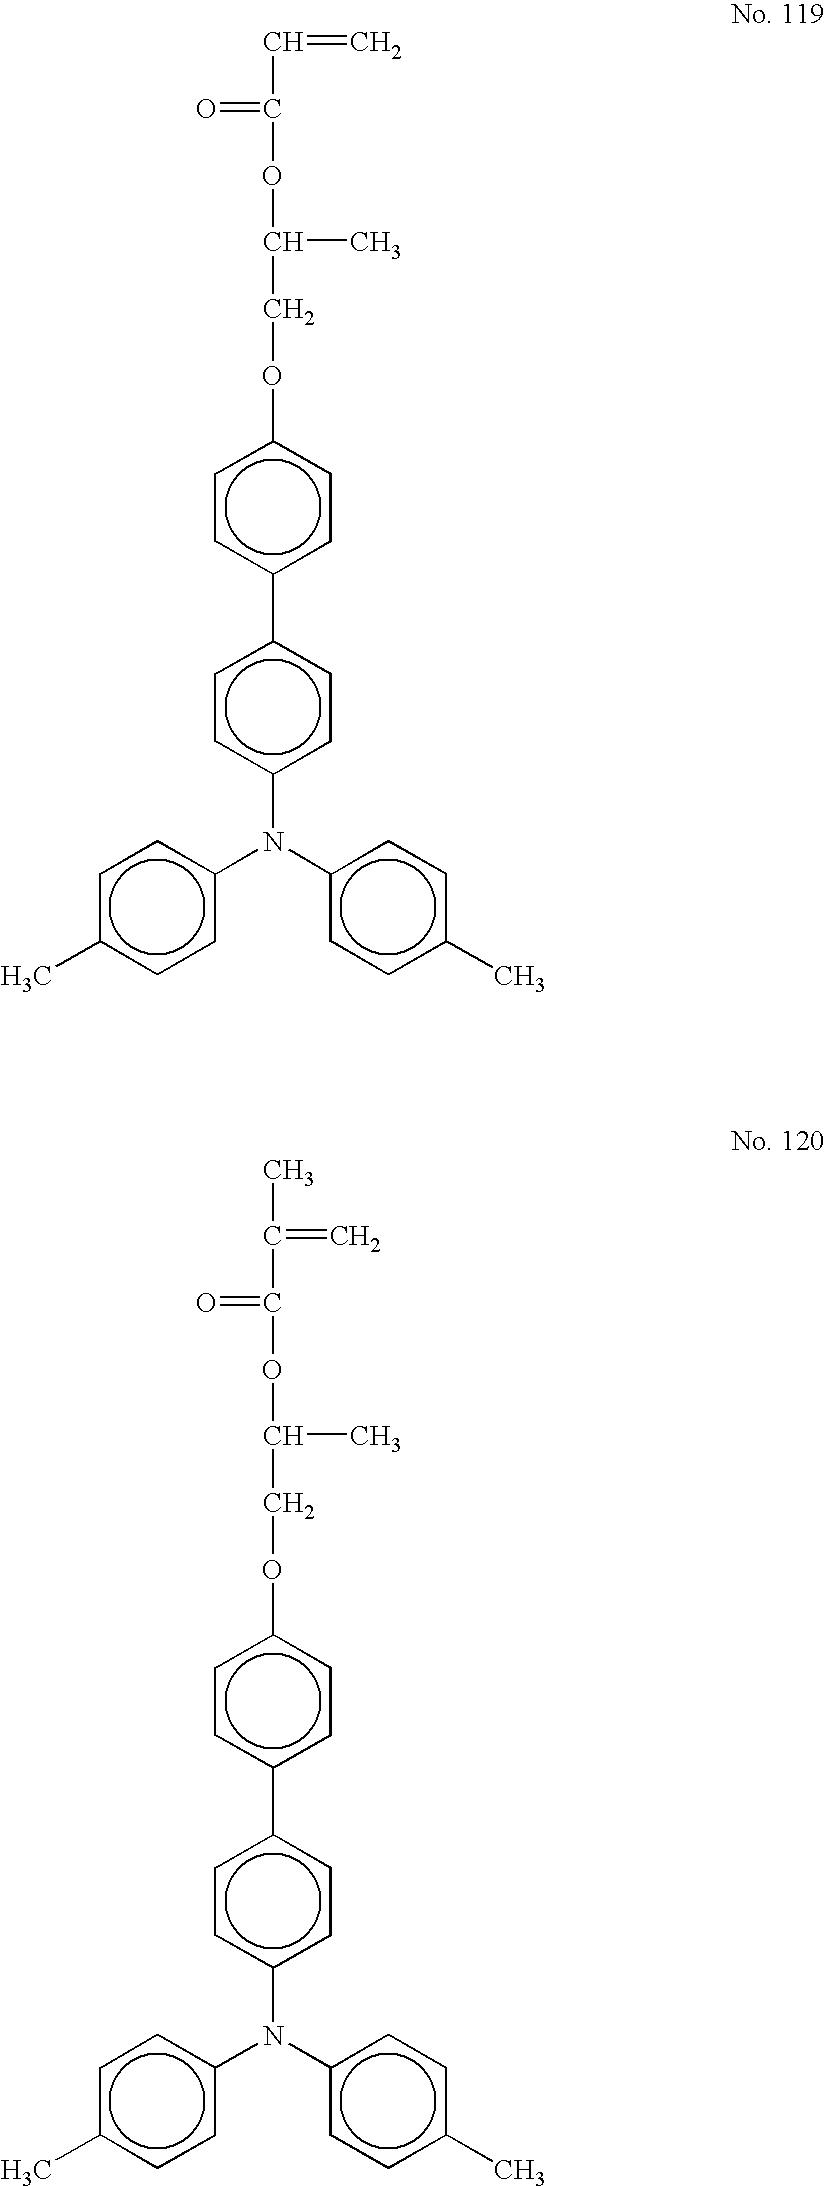 Figure US07175957-20070213-C00053